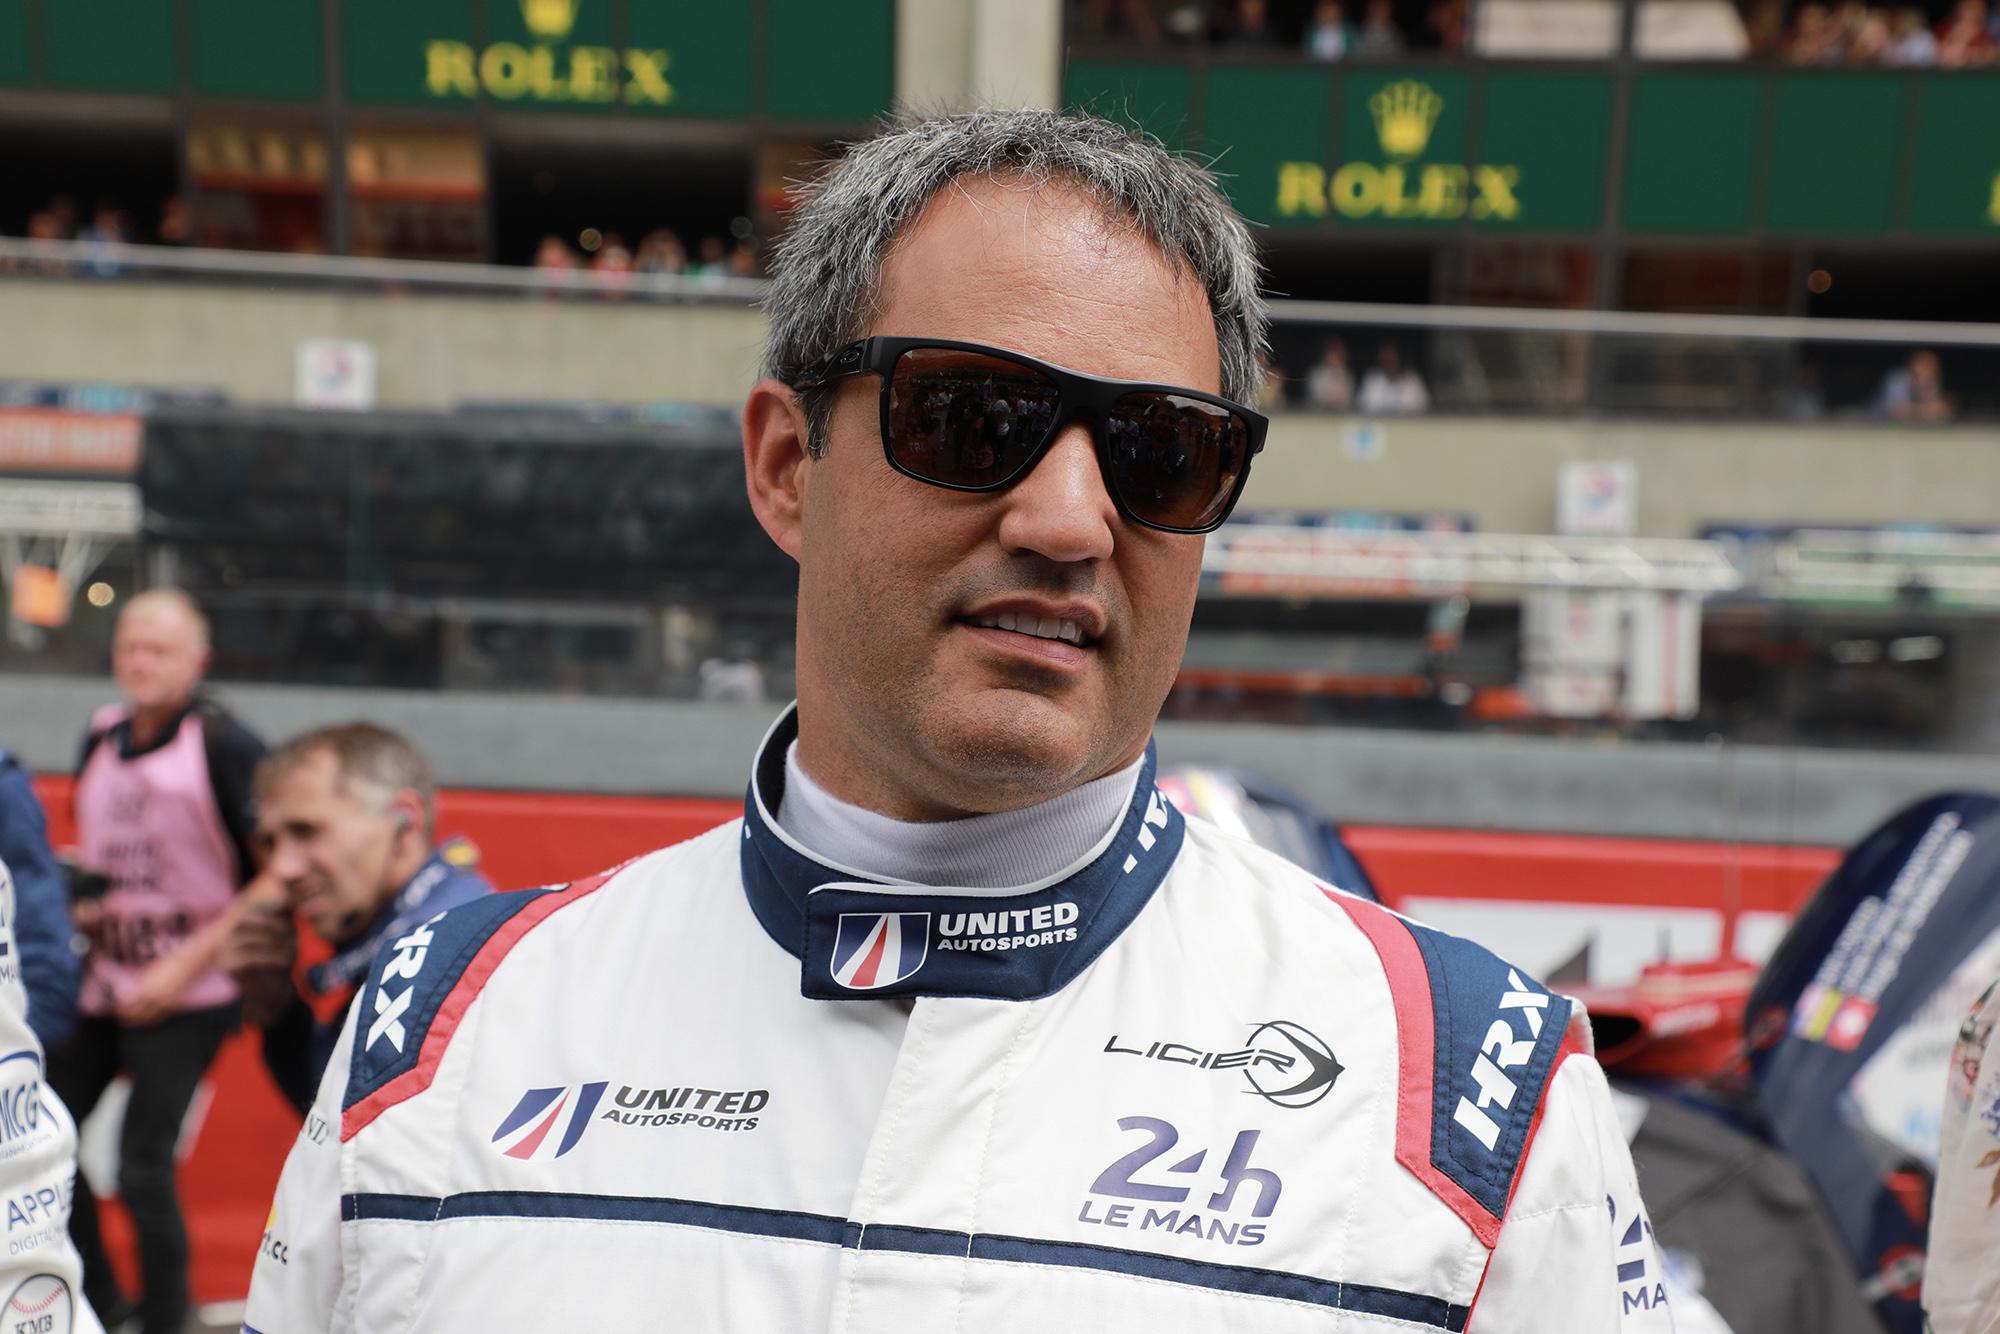 Juan Pablo Montoya at the 2018 Le Mans 24 Hours